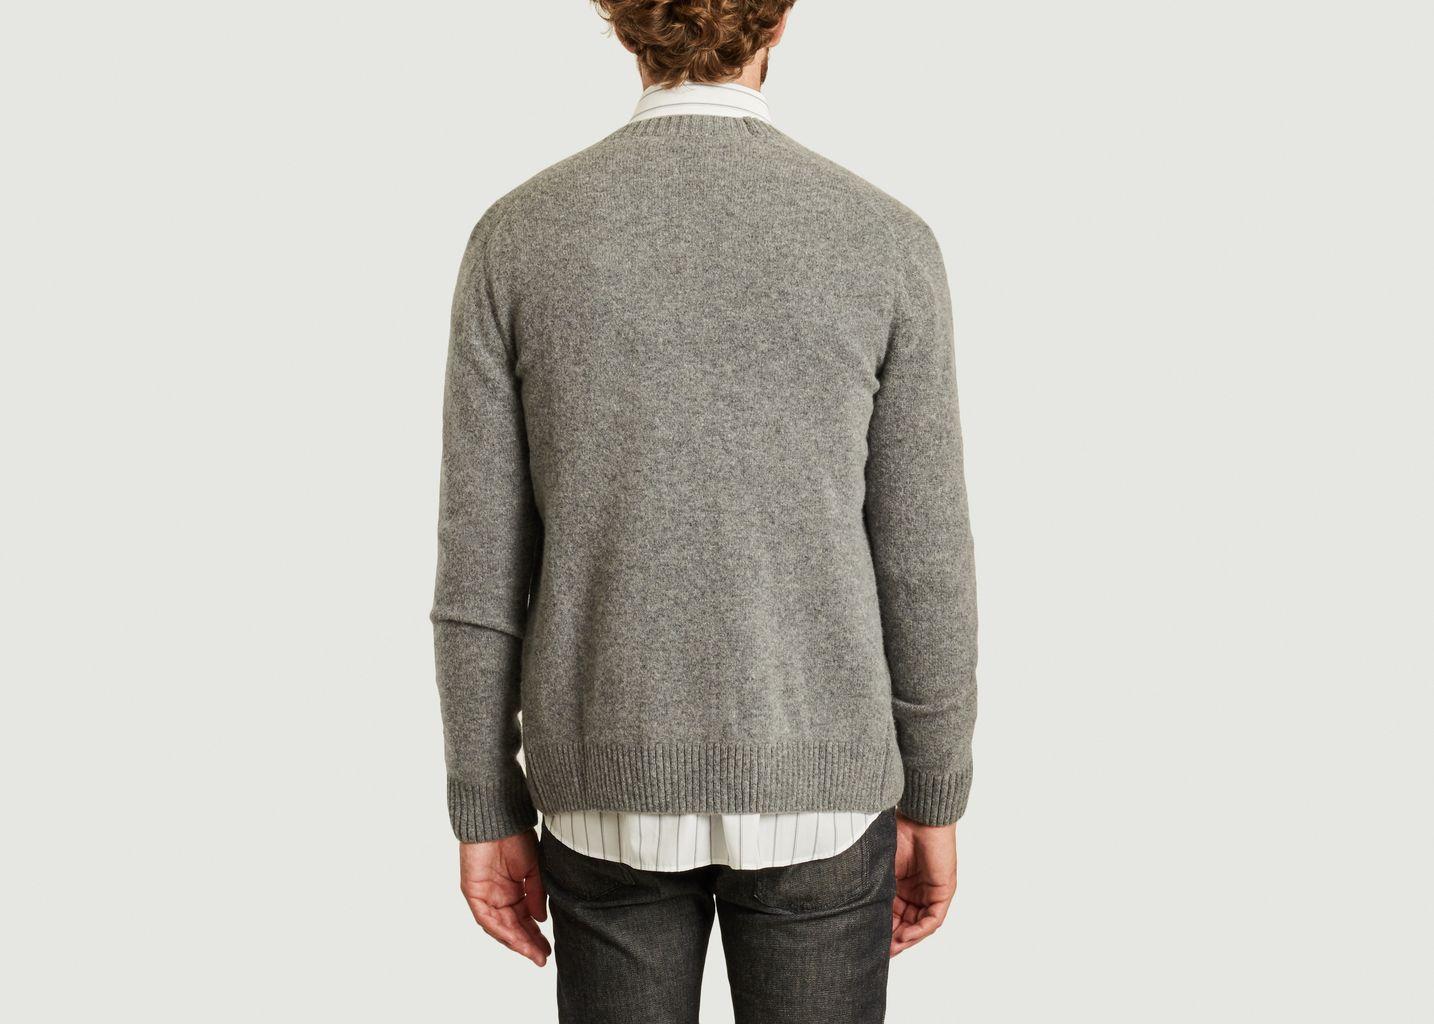 Cardigan en laine d'agneau renard profil - Maison Kitsuné